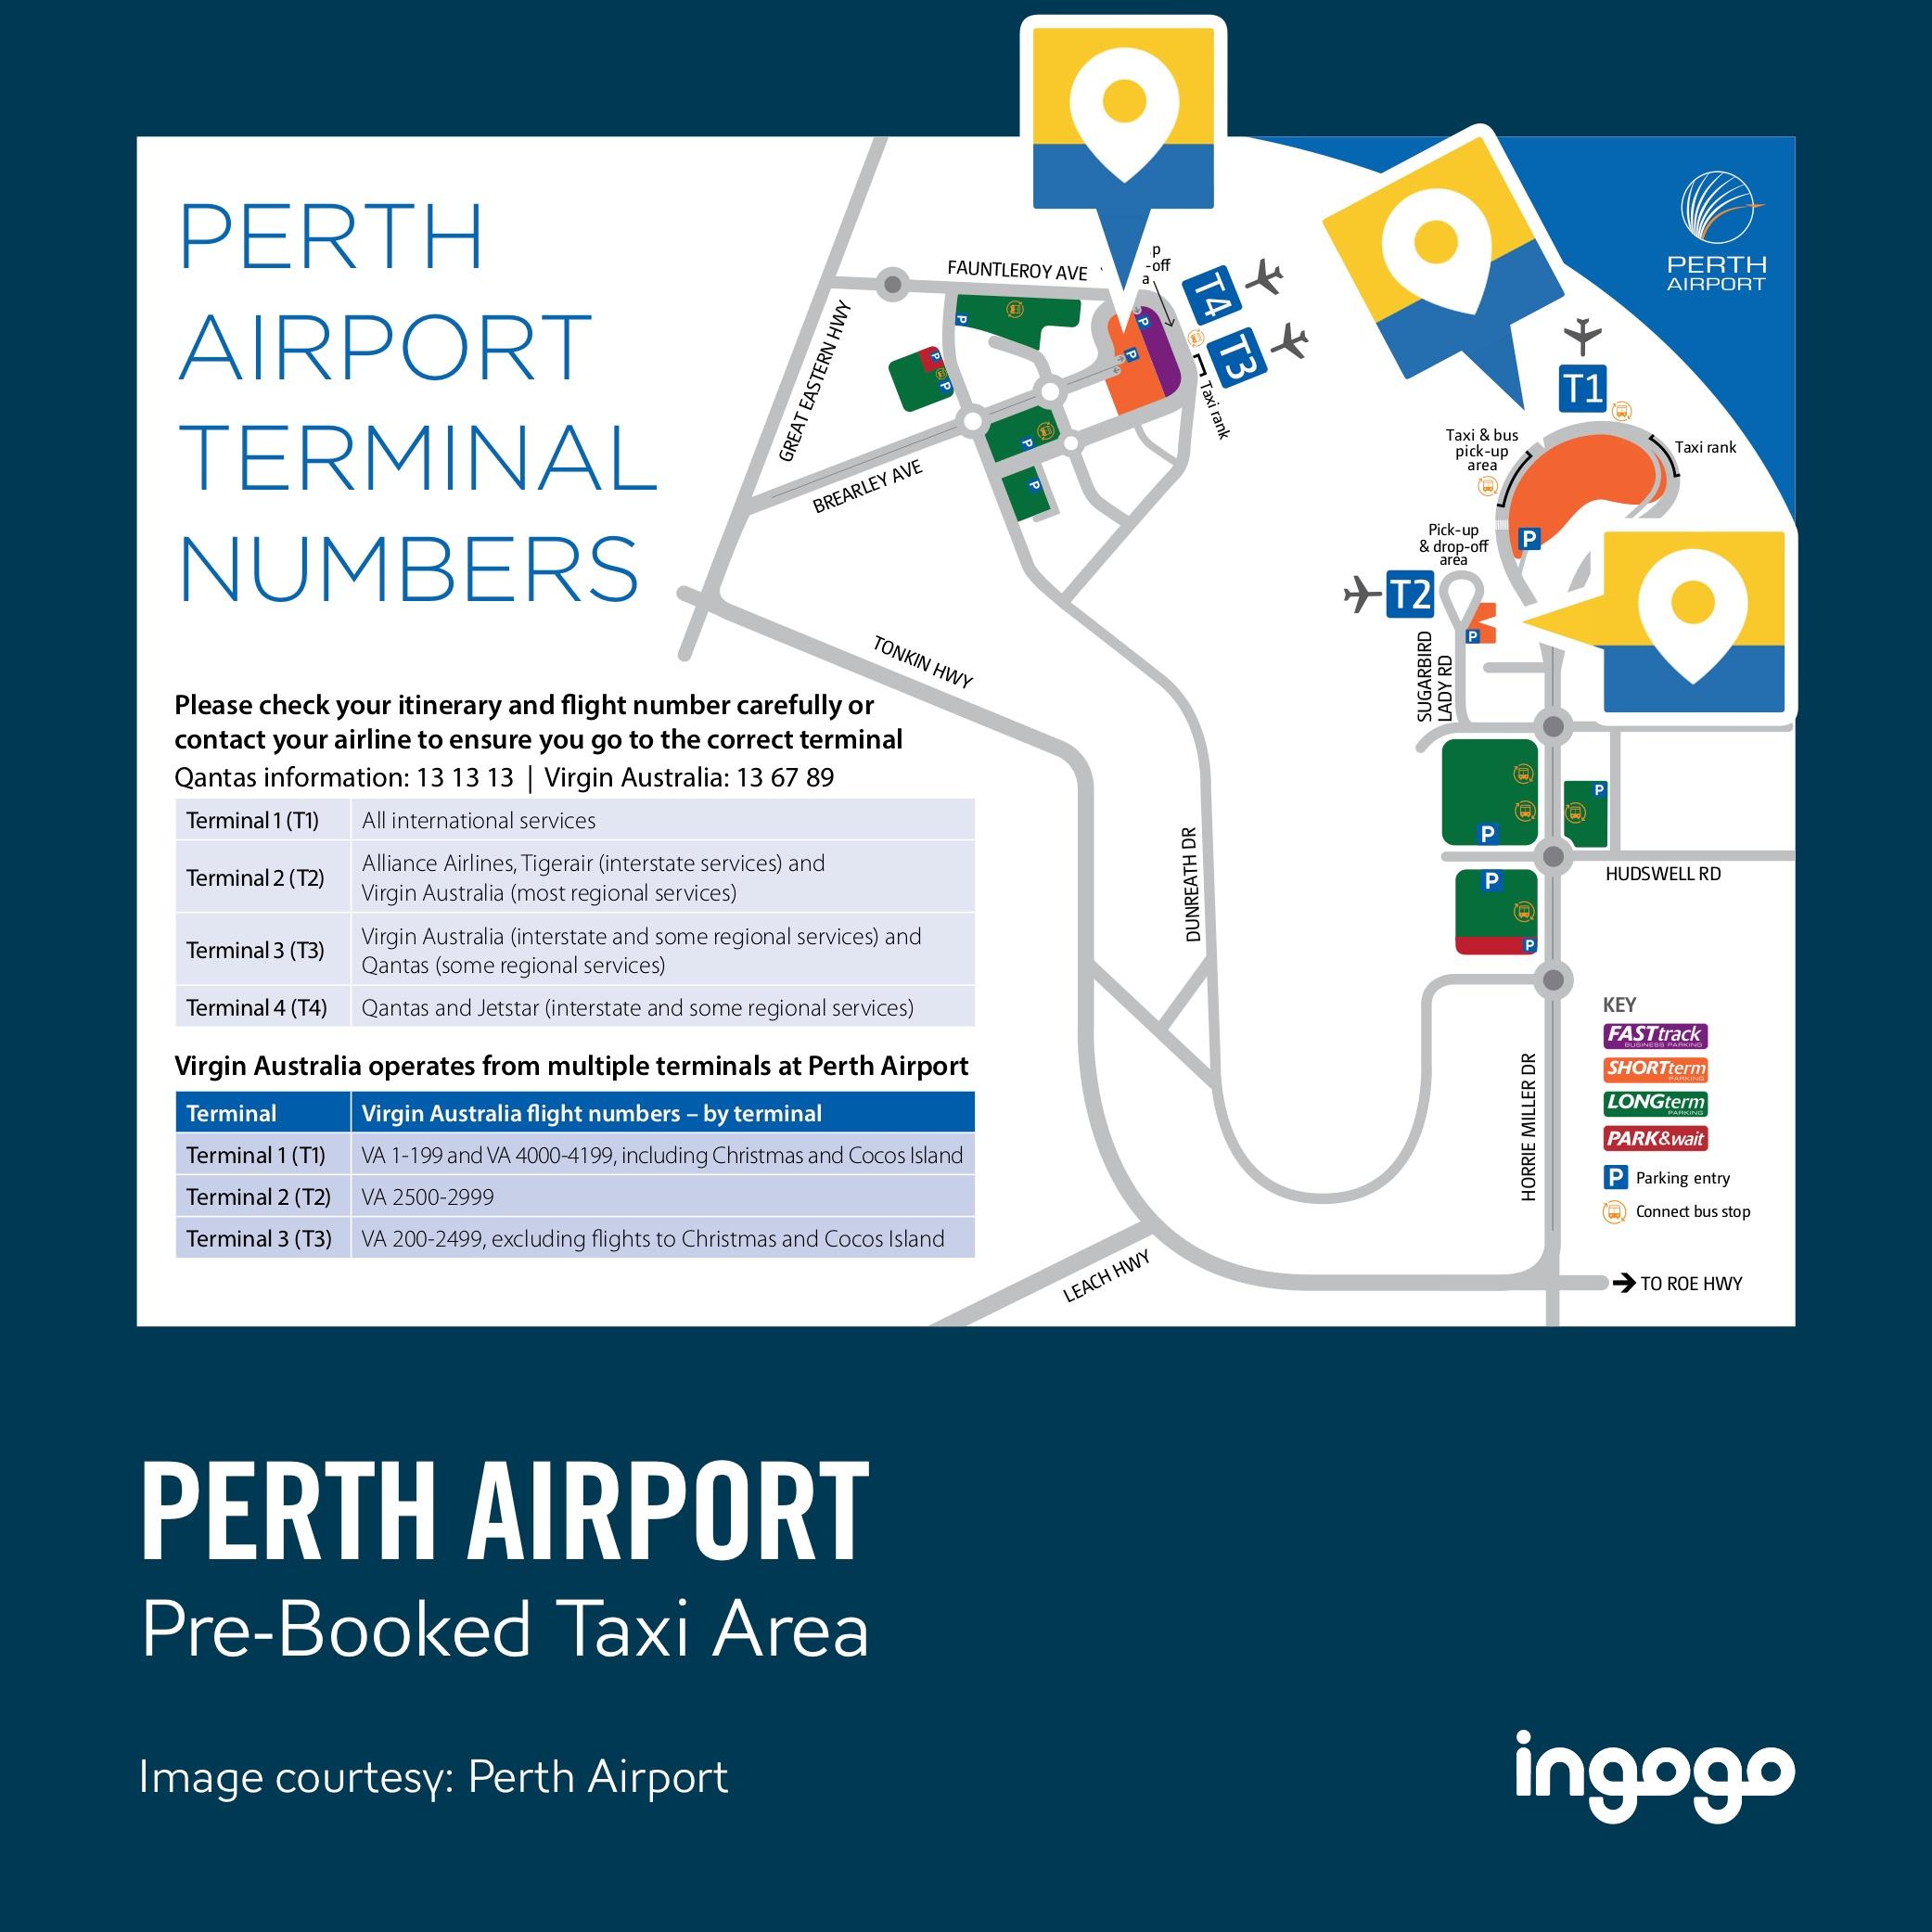 perth-airport.jpg